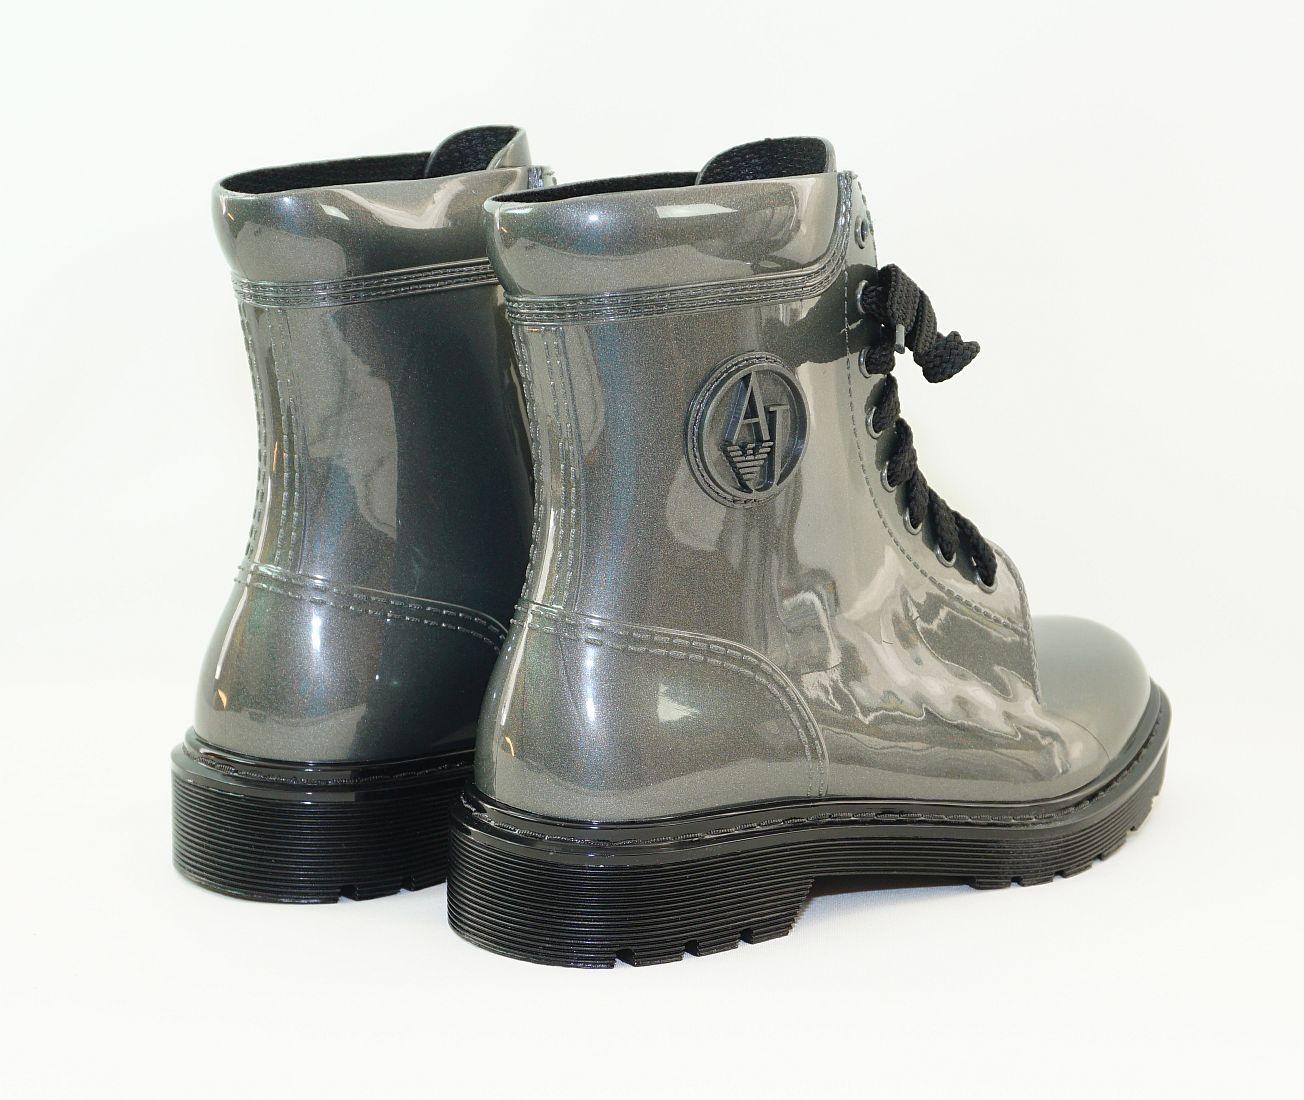 Armani Jeans Schuhe Stiefel Boot 925118 6A520 40820 Gun Metal HW16-AJn